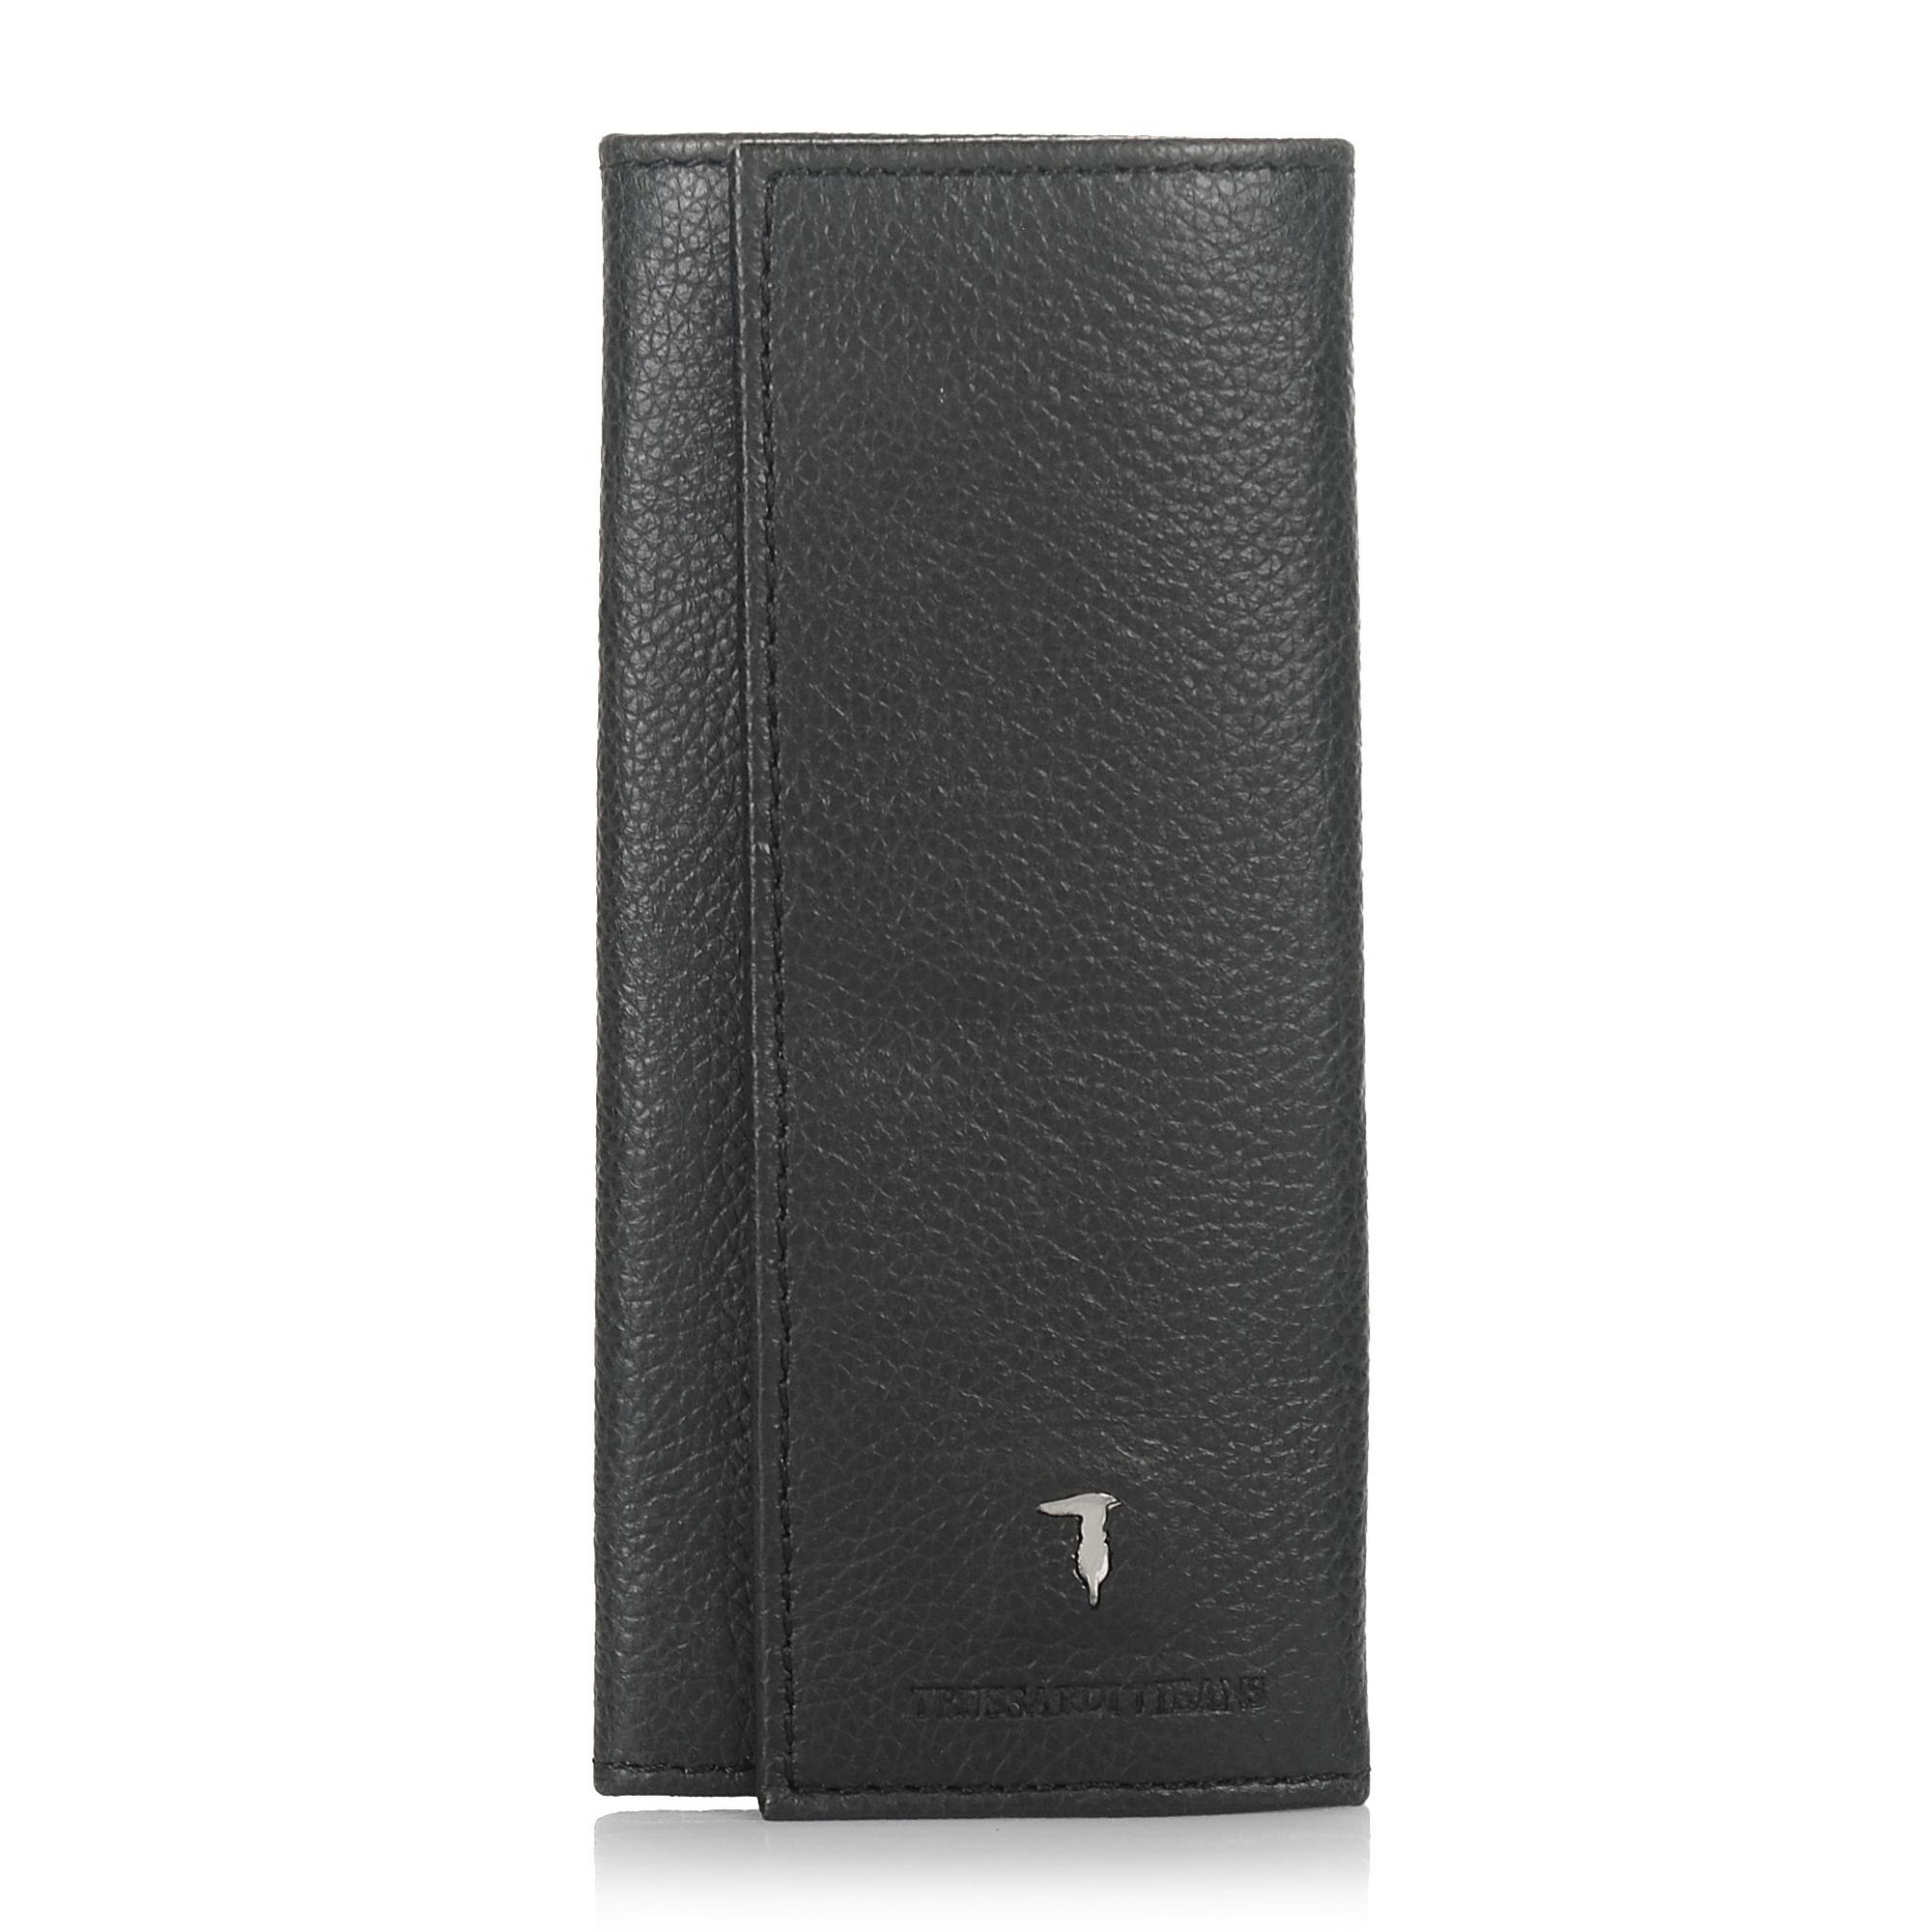 Κλειδοθήκη Trussardi Jeans 71W00010 ανδρας   κλειδοθήκη